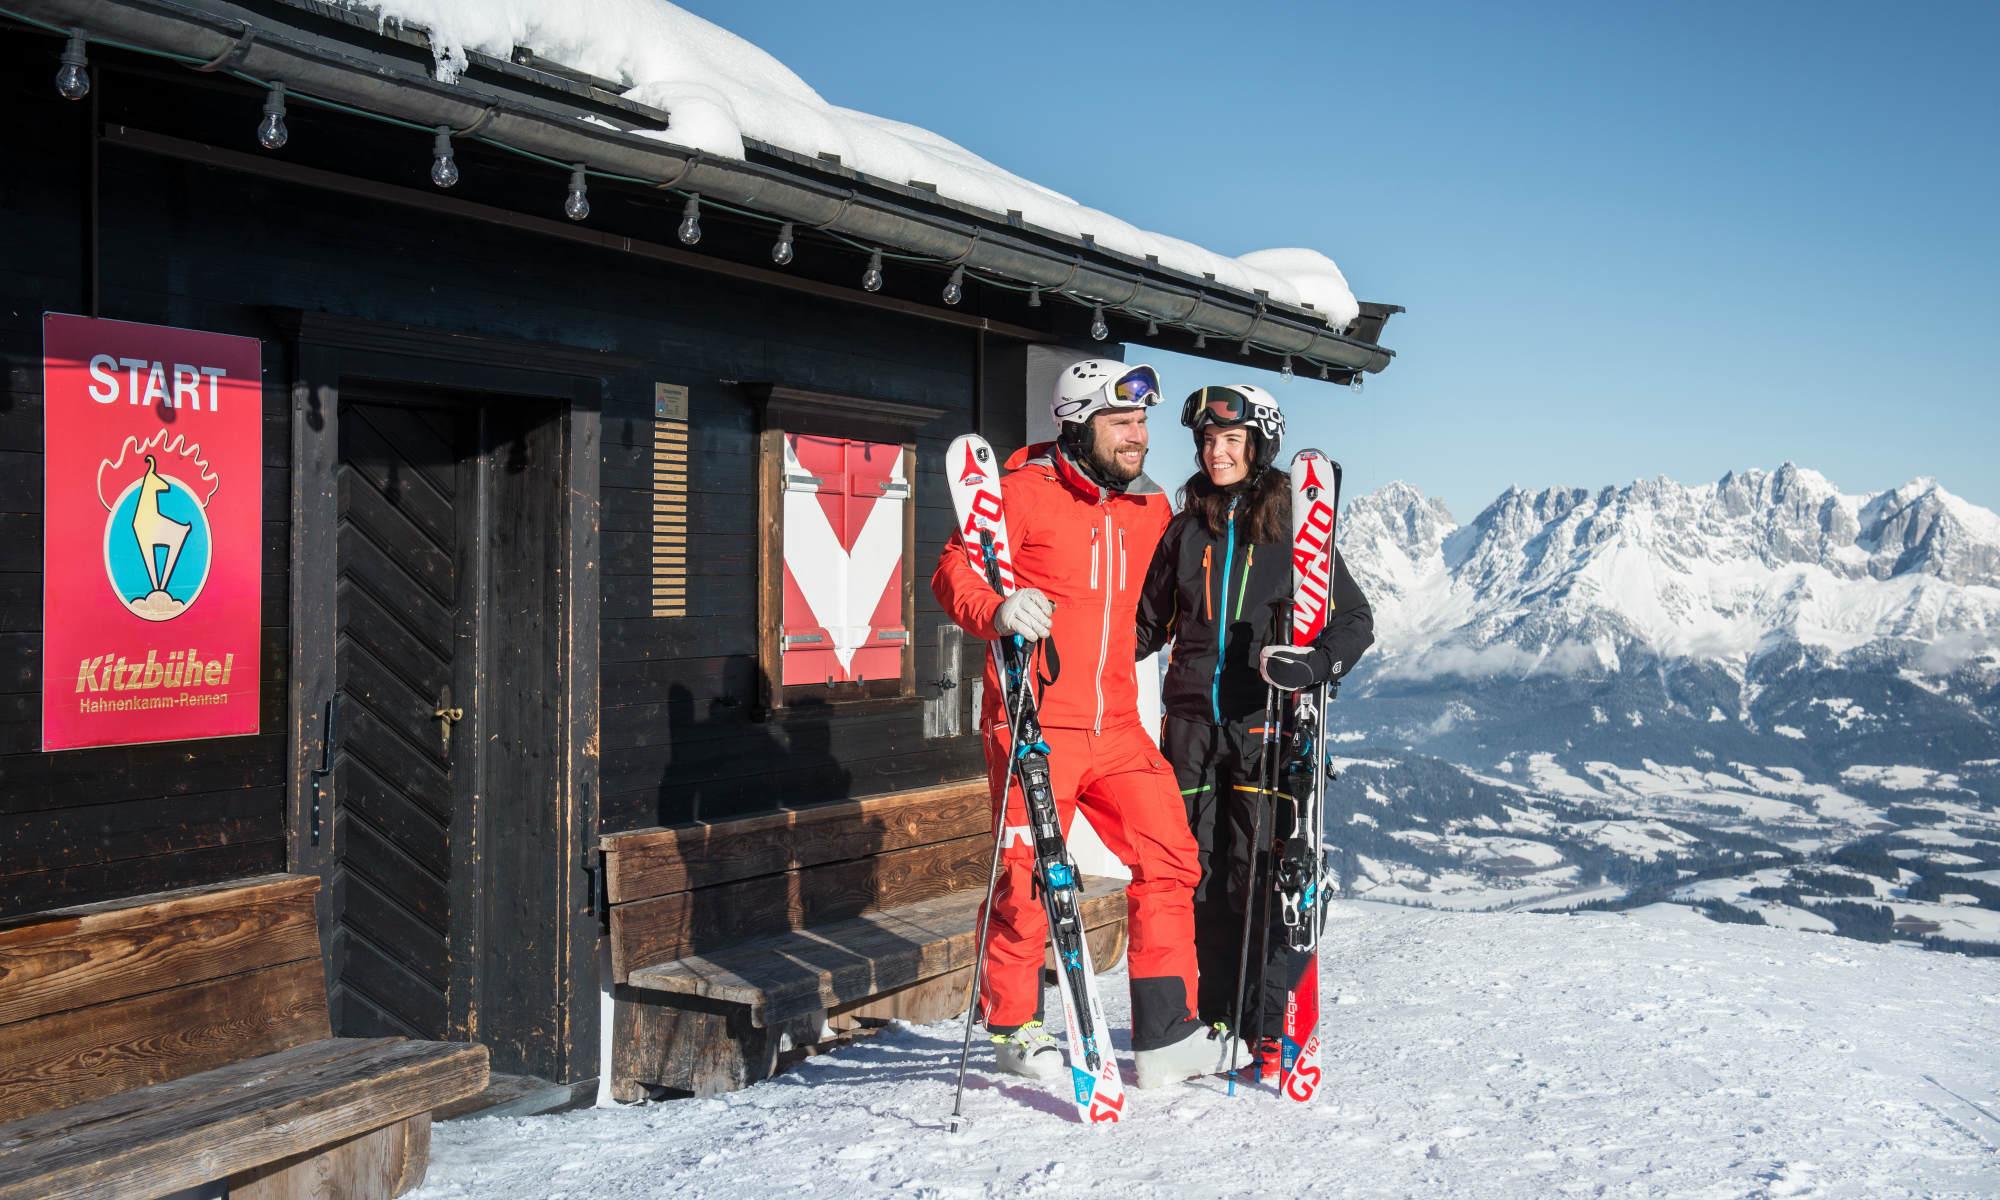 2 erwachsene Skifahrer bei einer traditionellen Berghütte im Skigebiet KitzSki in Kitzbühel.